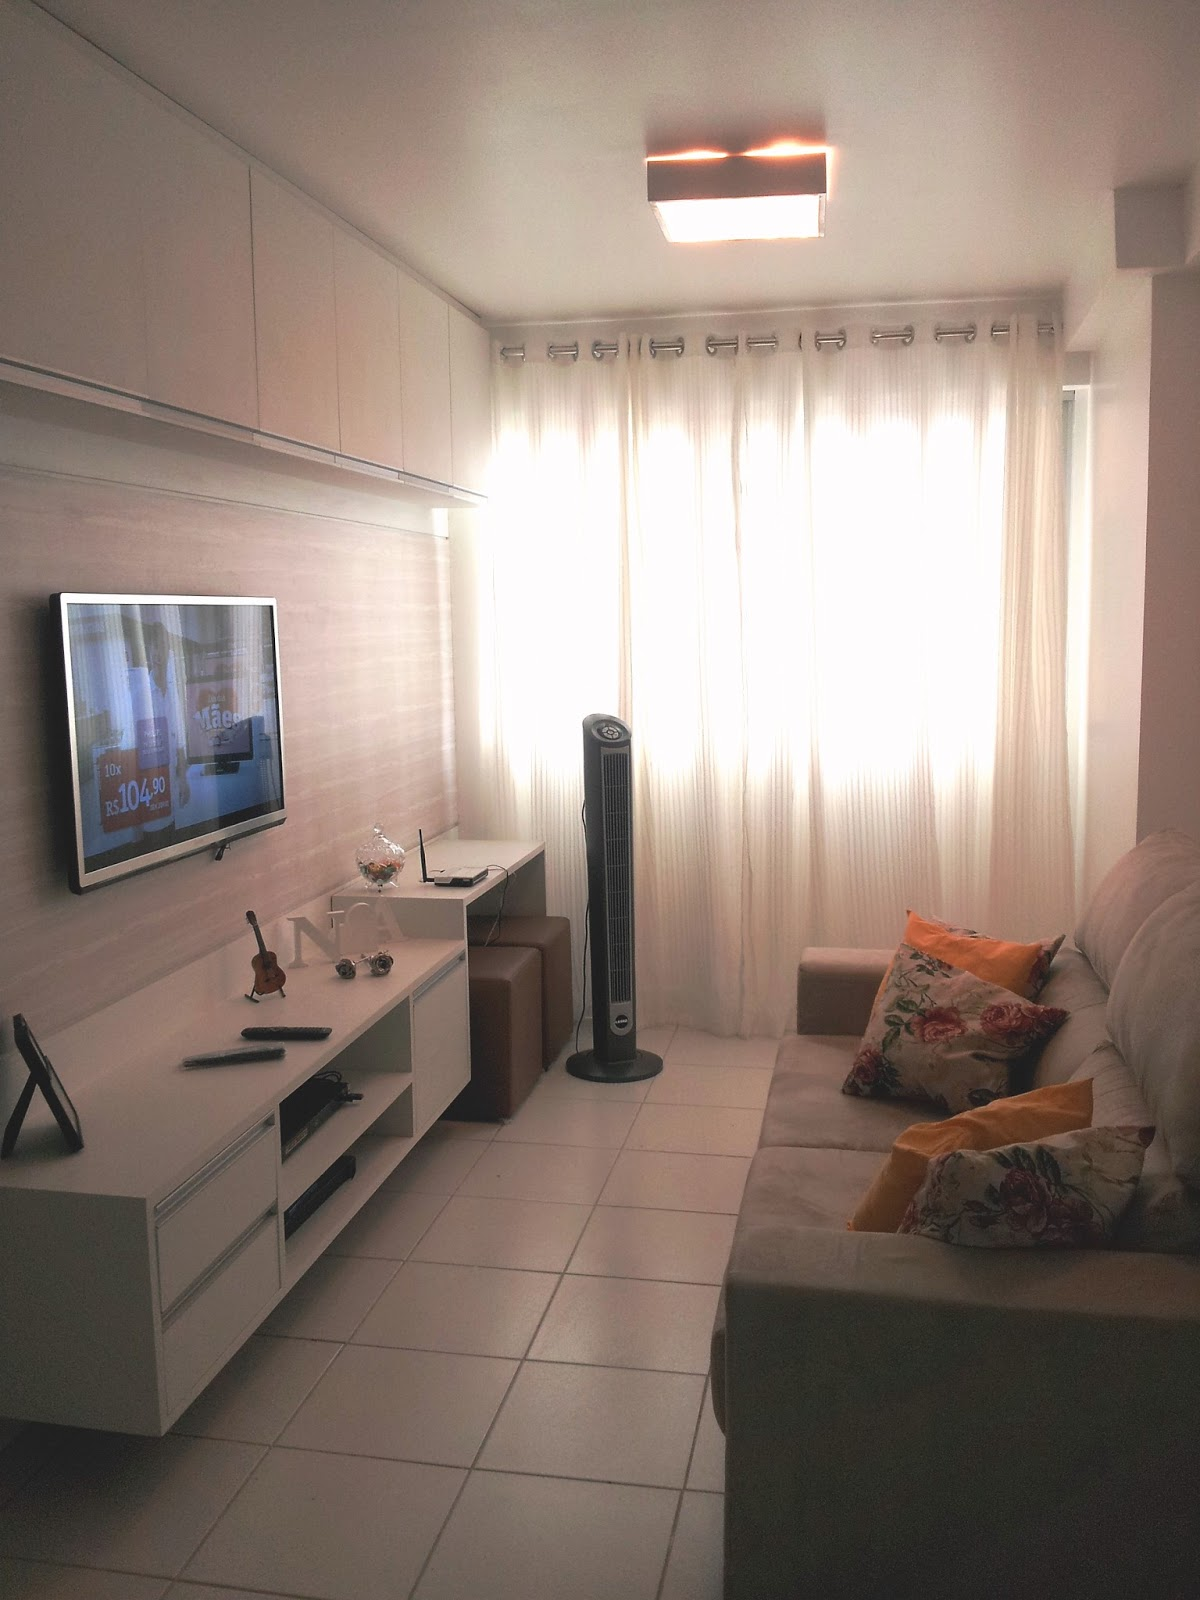 decoracao de sala longa: preço bom e uma variedade enorme de cortinas para todo gosto depois